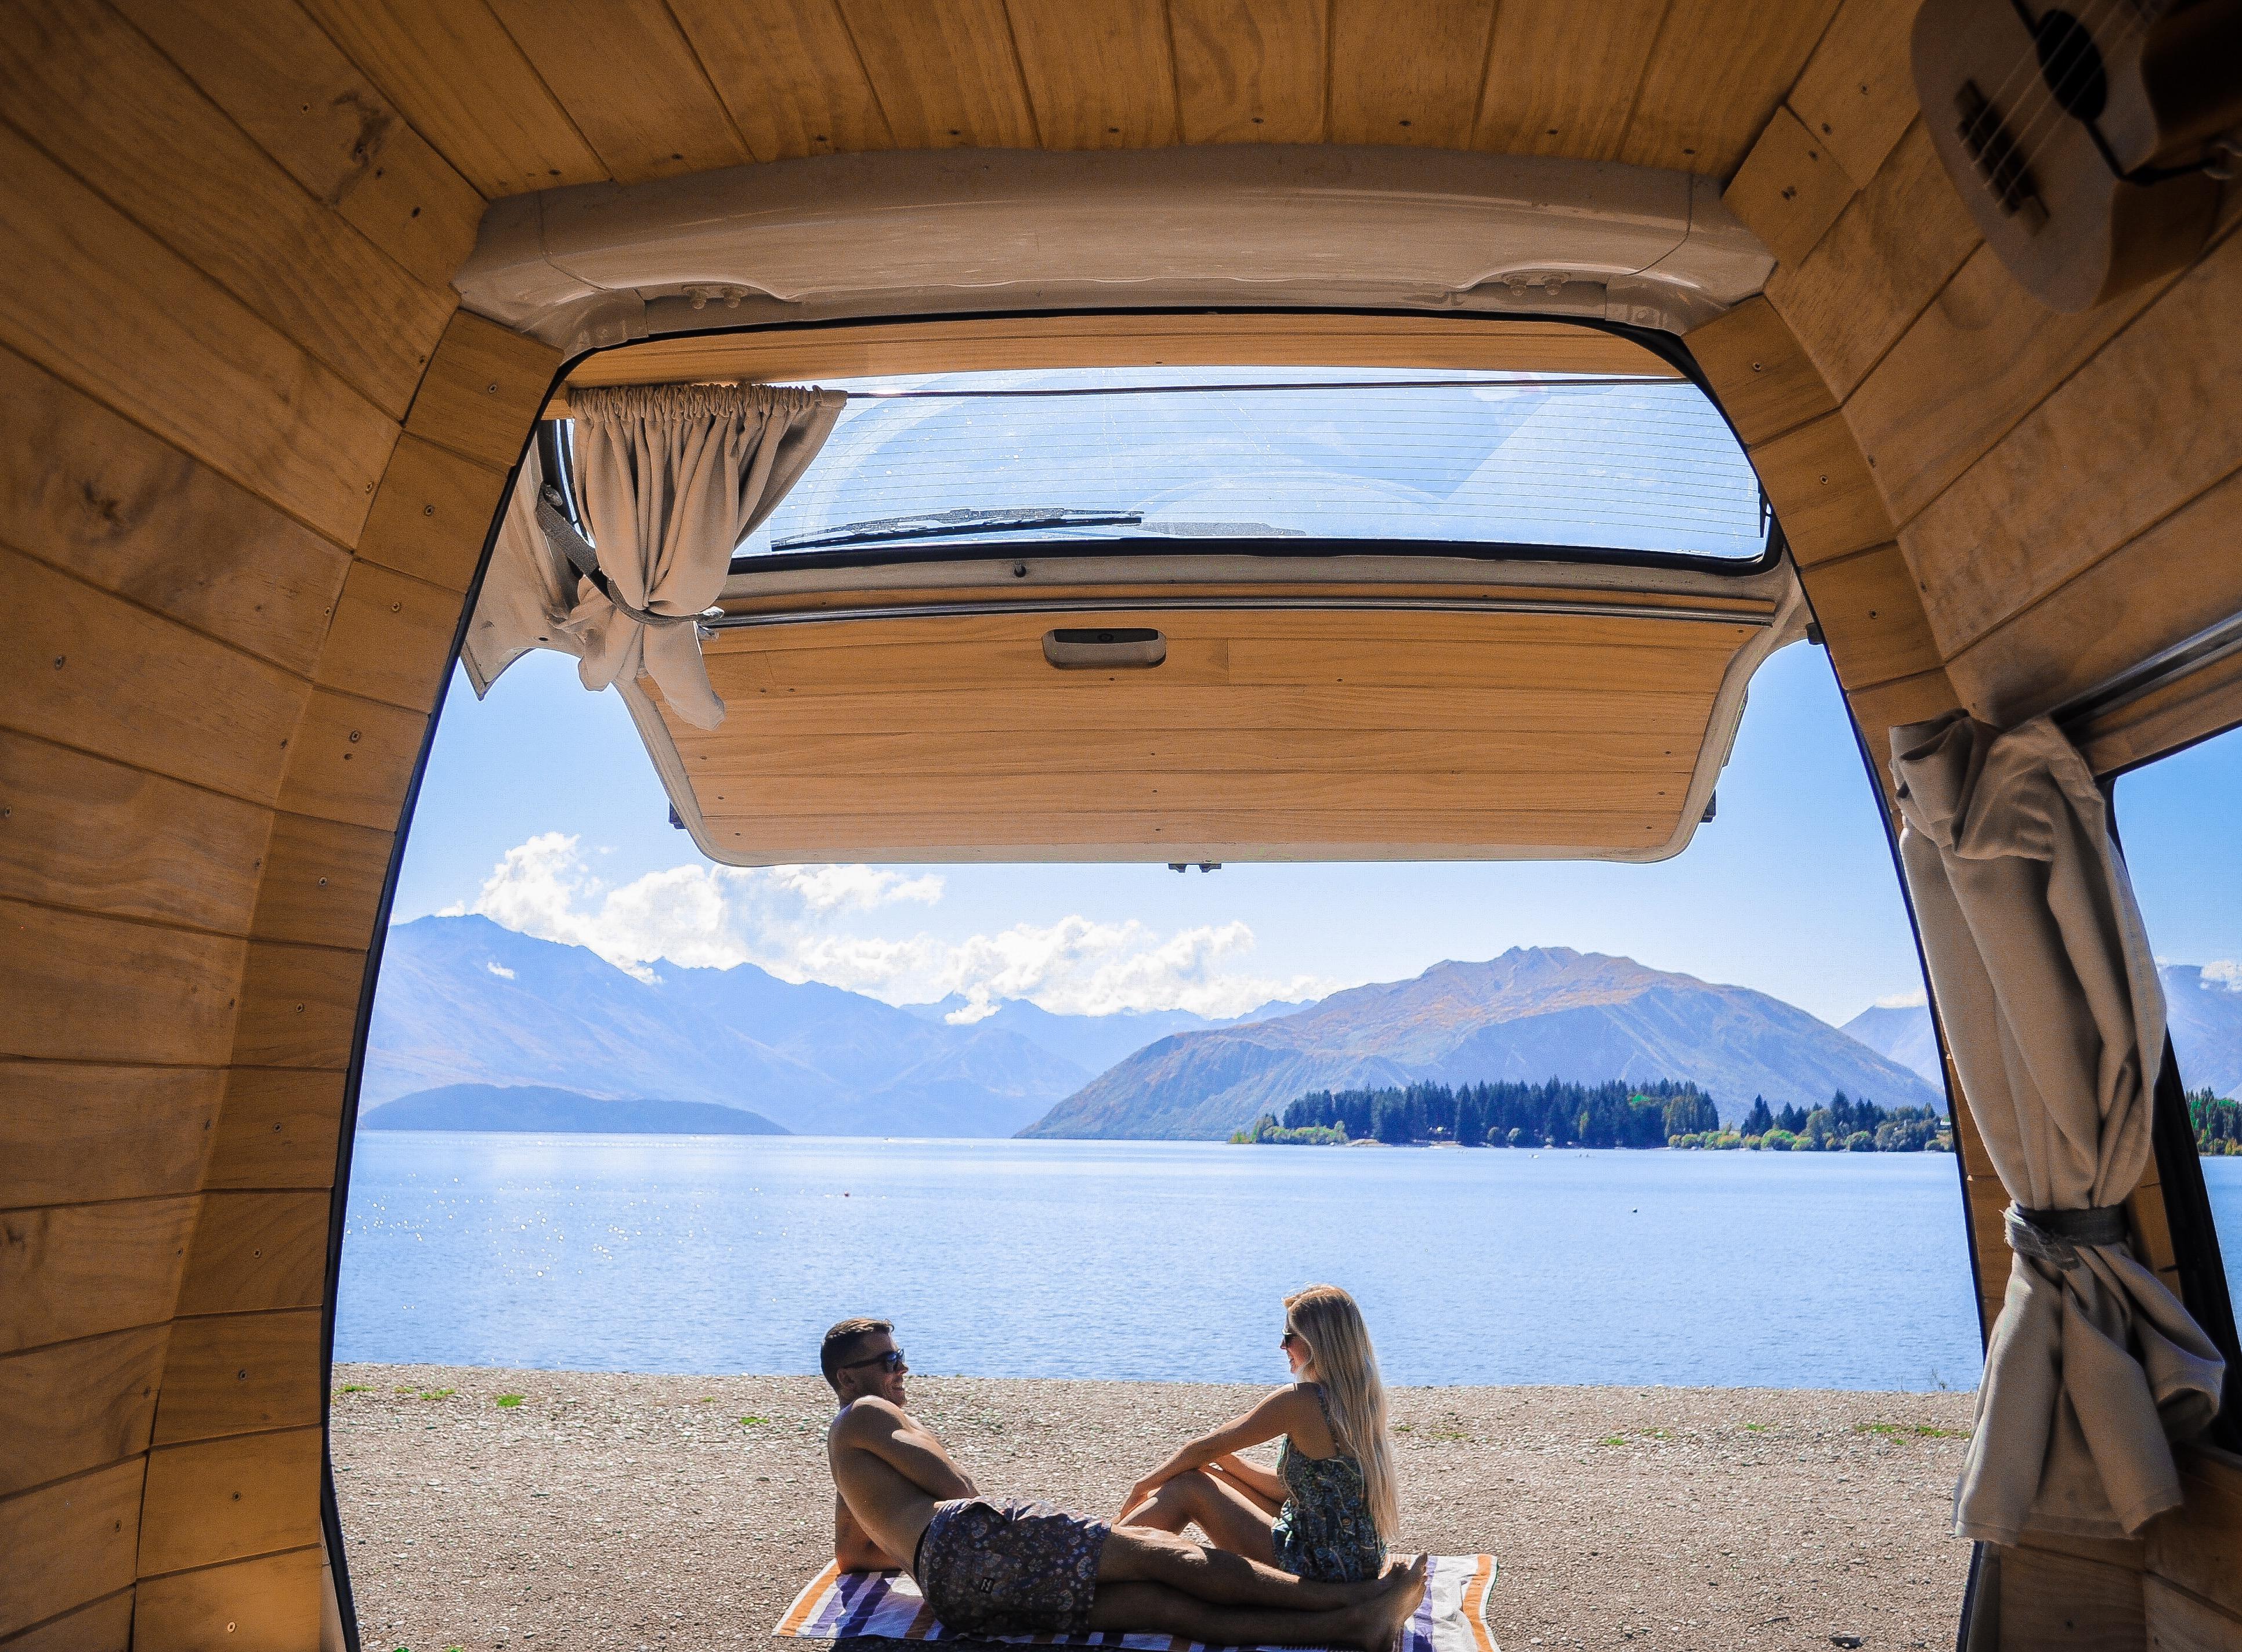 Nebo radši preferujete po probuzení u horského jezera?